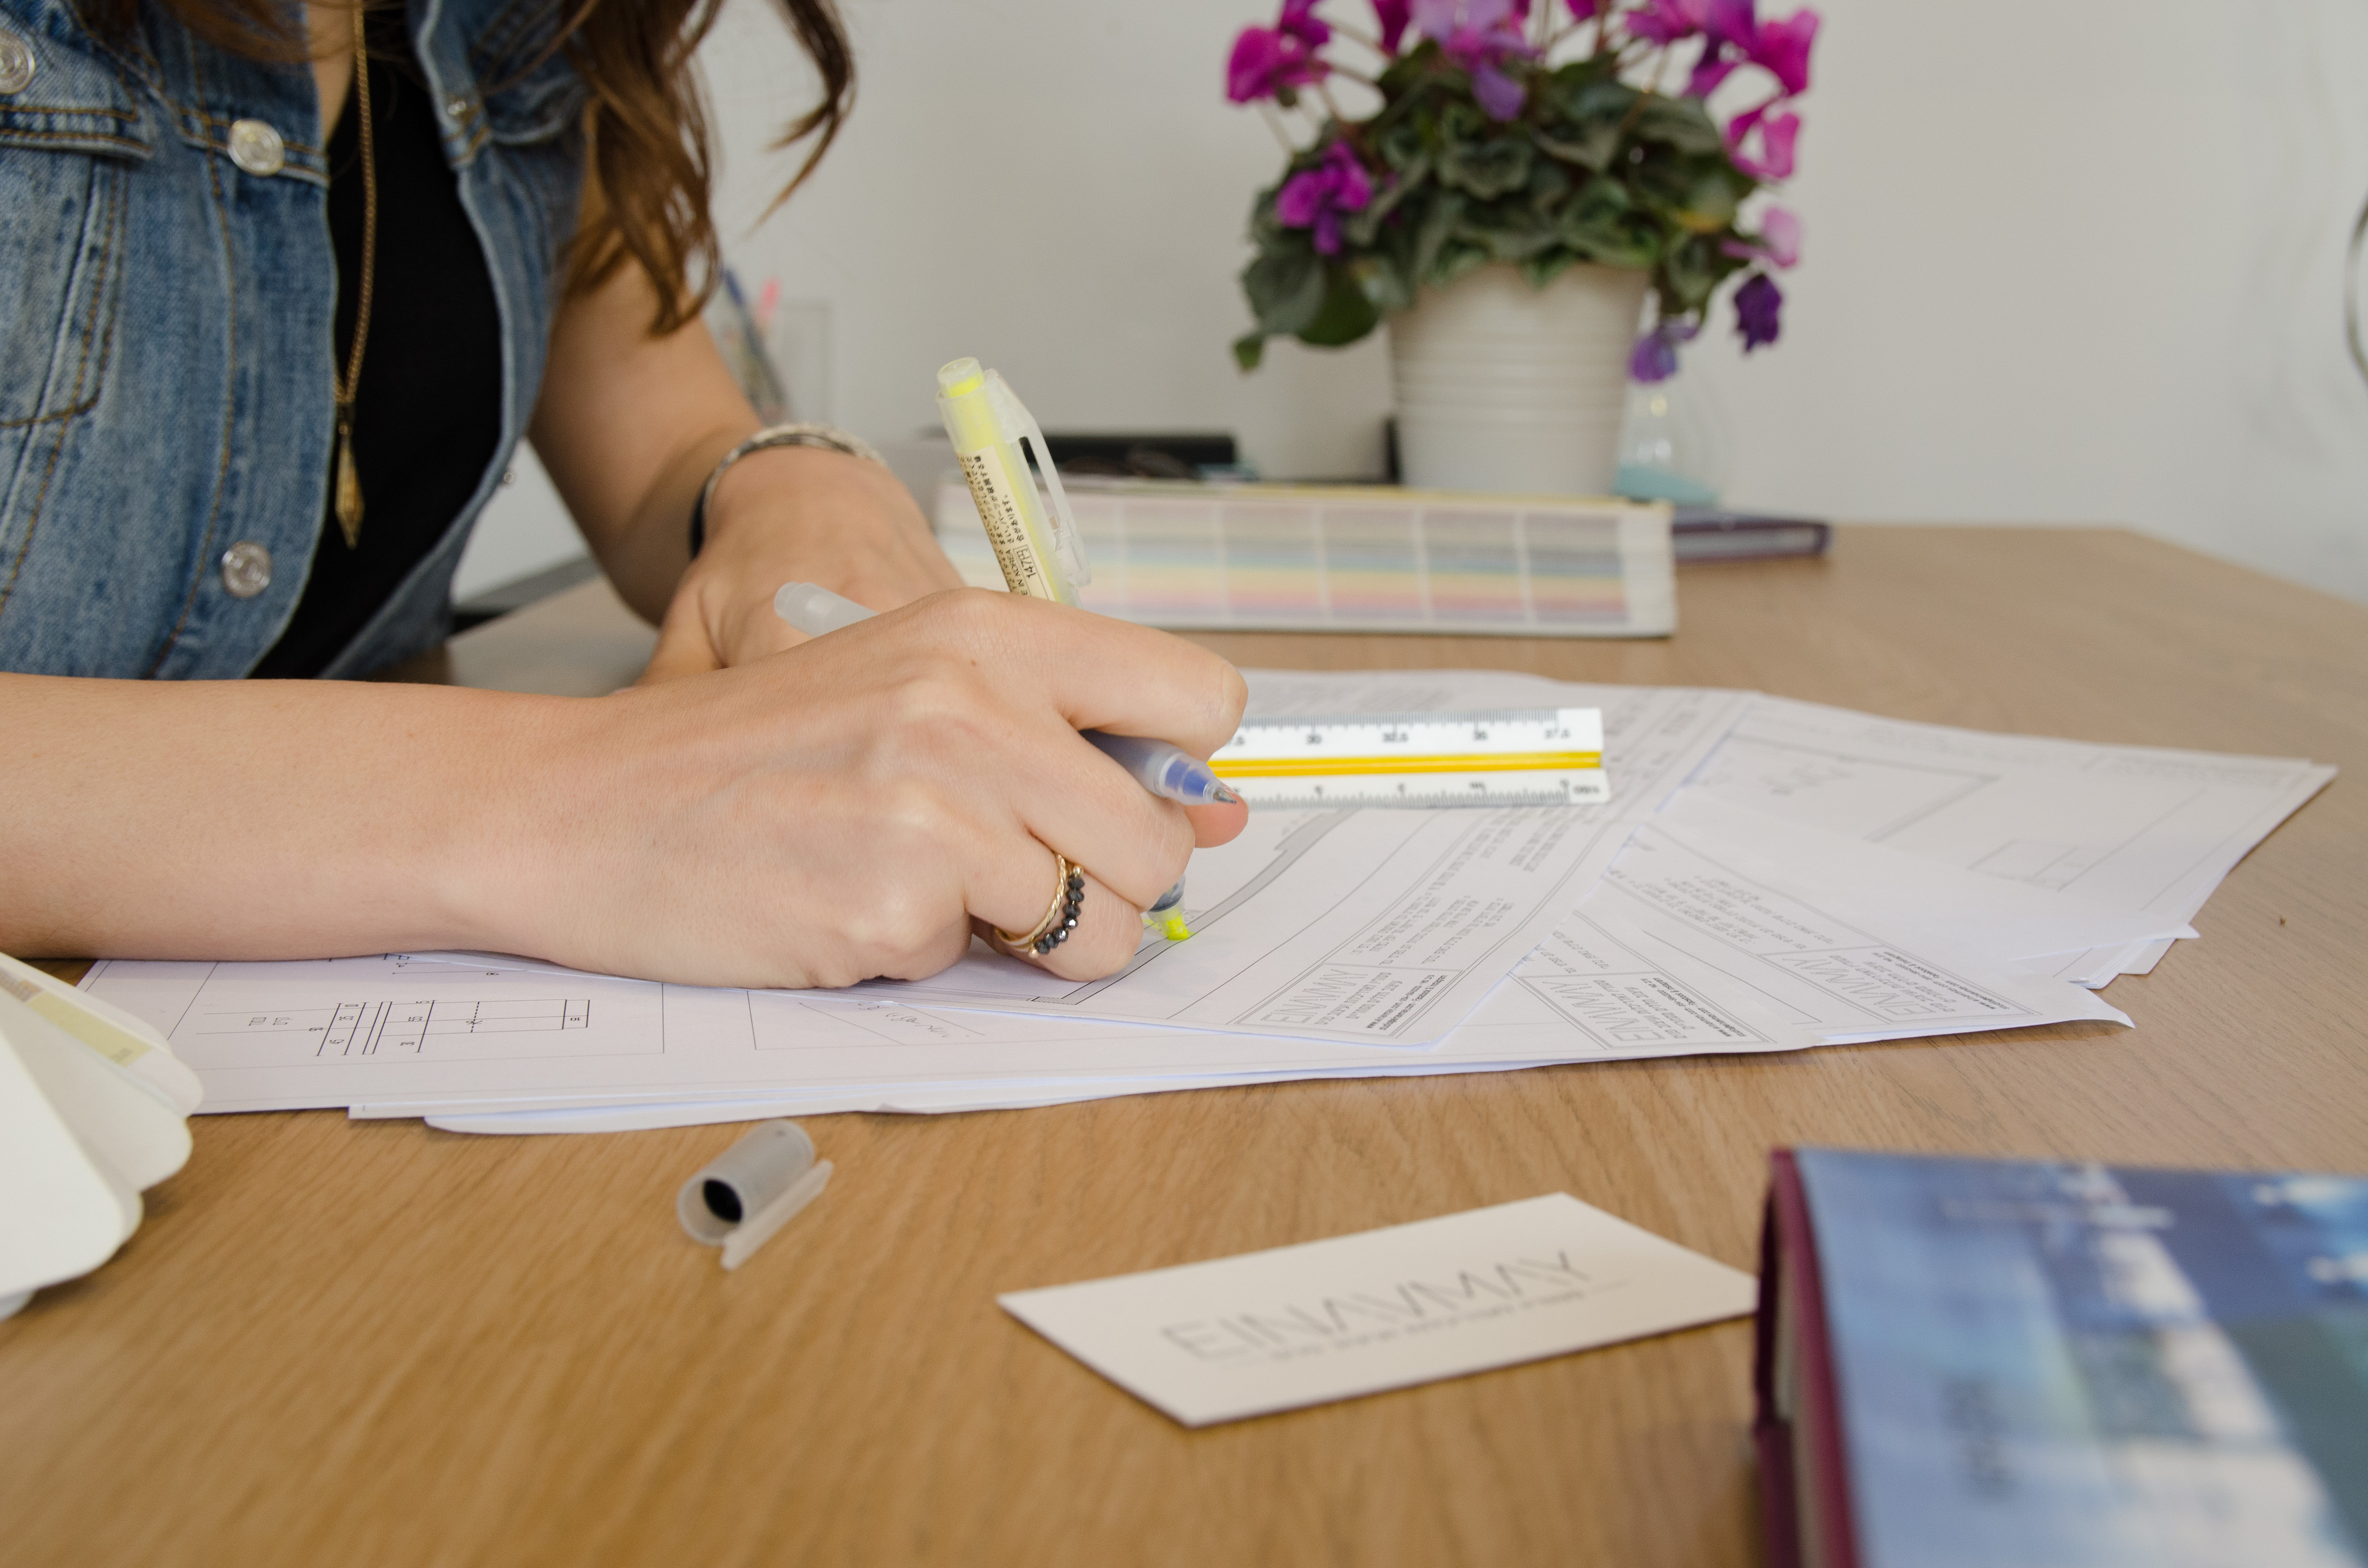 תכניות לעיצוב משרד